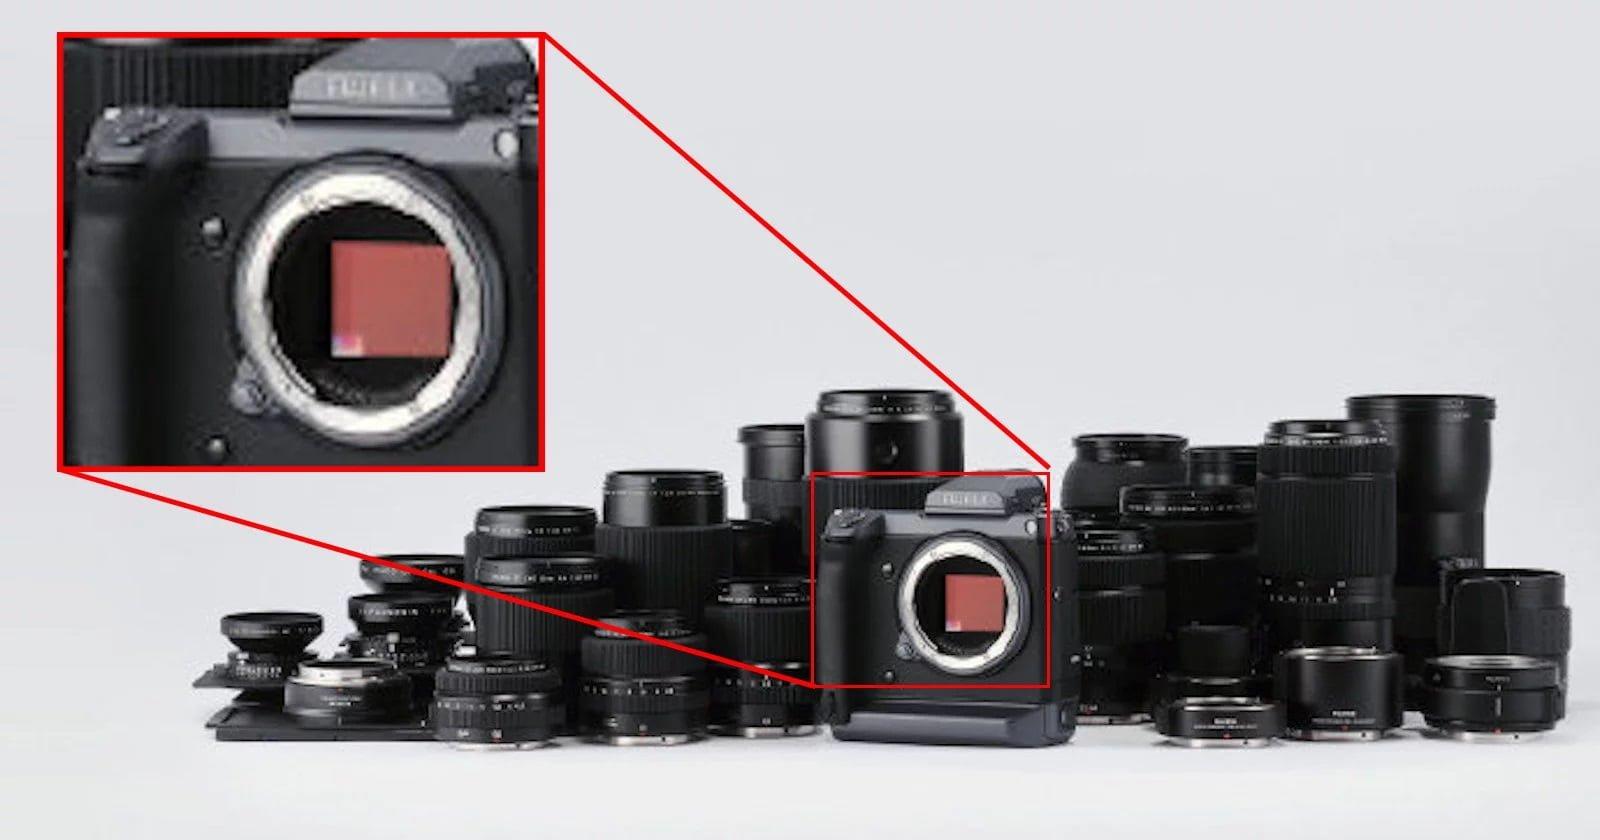 تمسخر دوربین 108 مگاپیکسلی شیائومی توسط فوجی فیلم